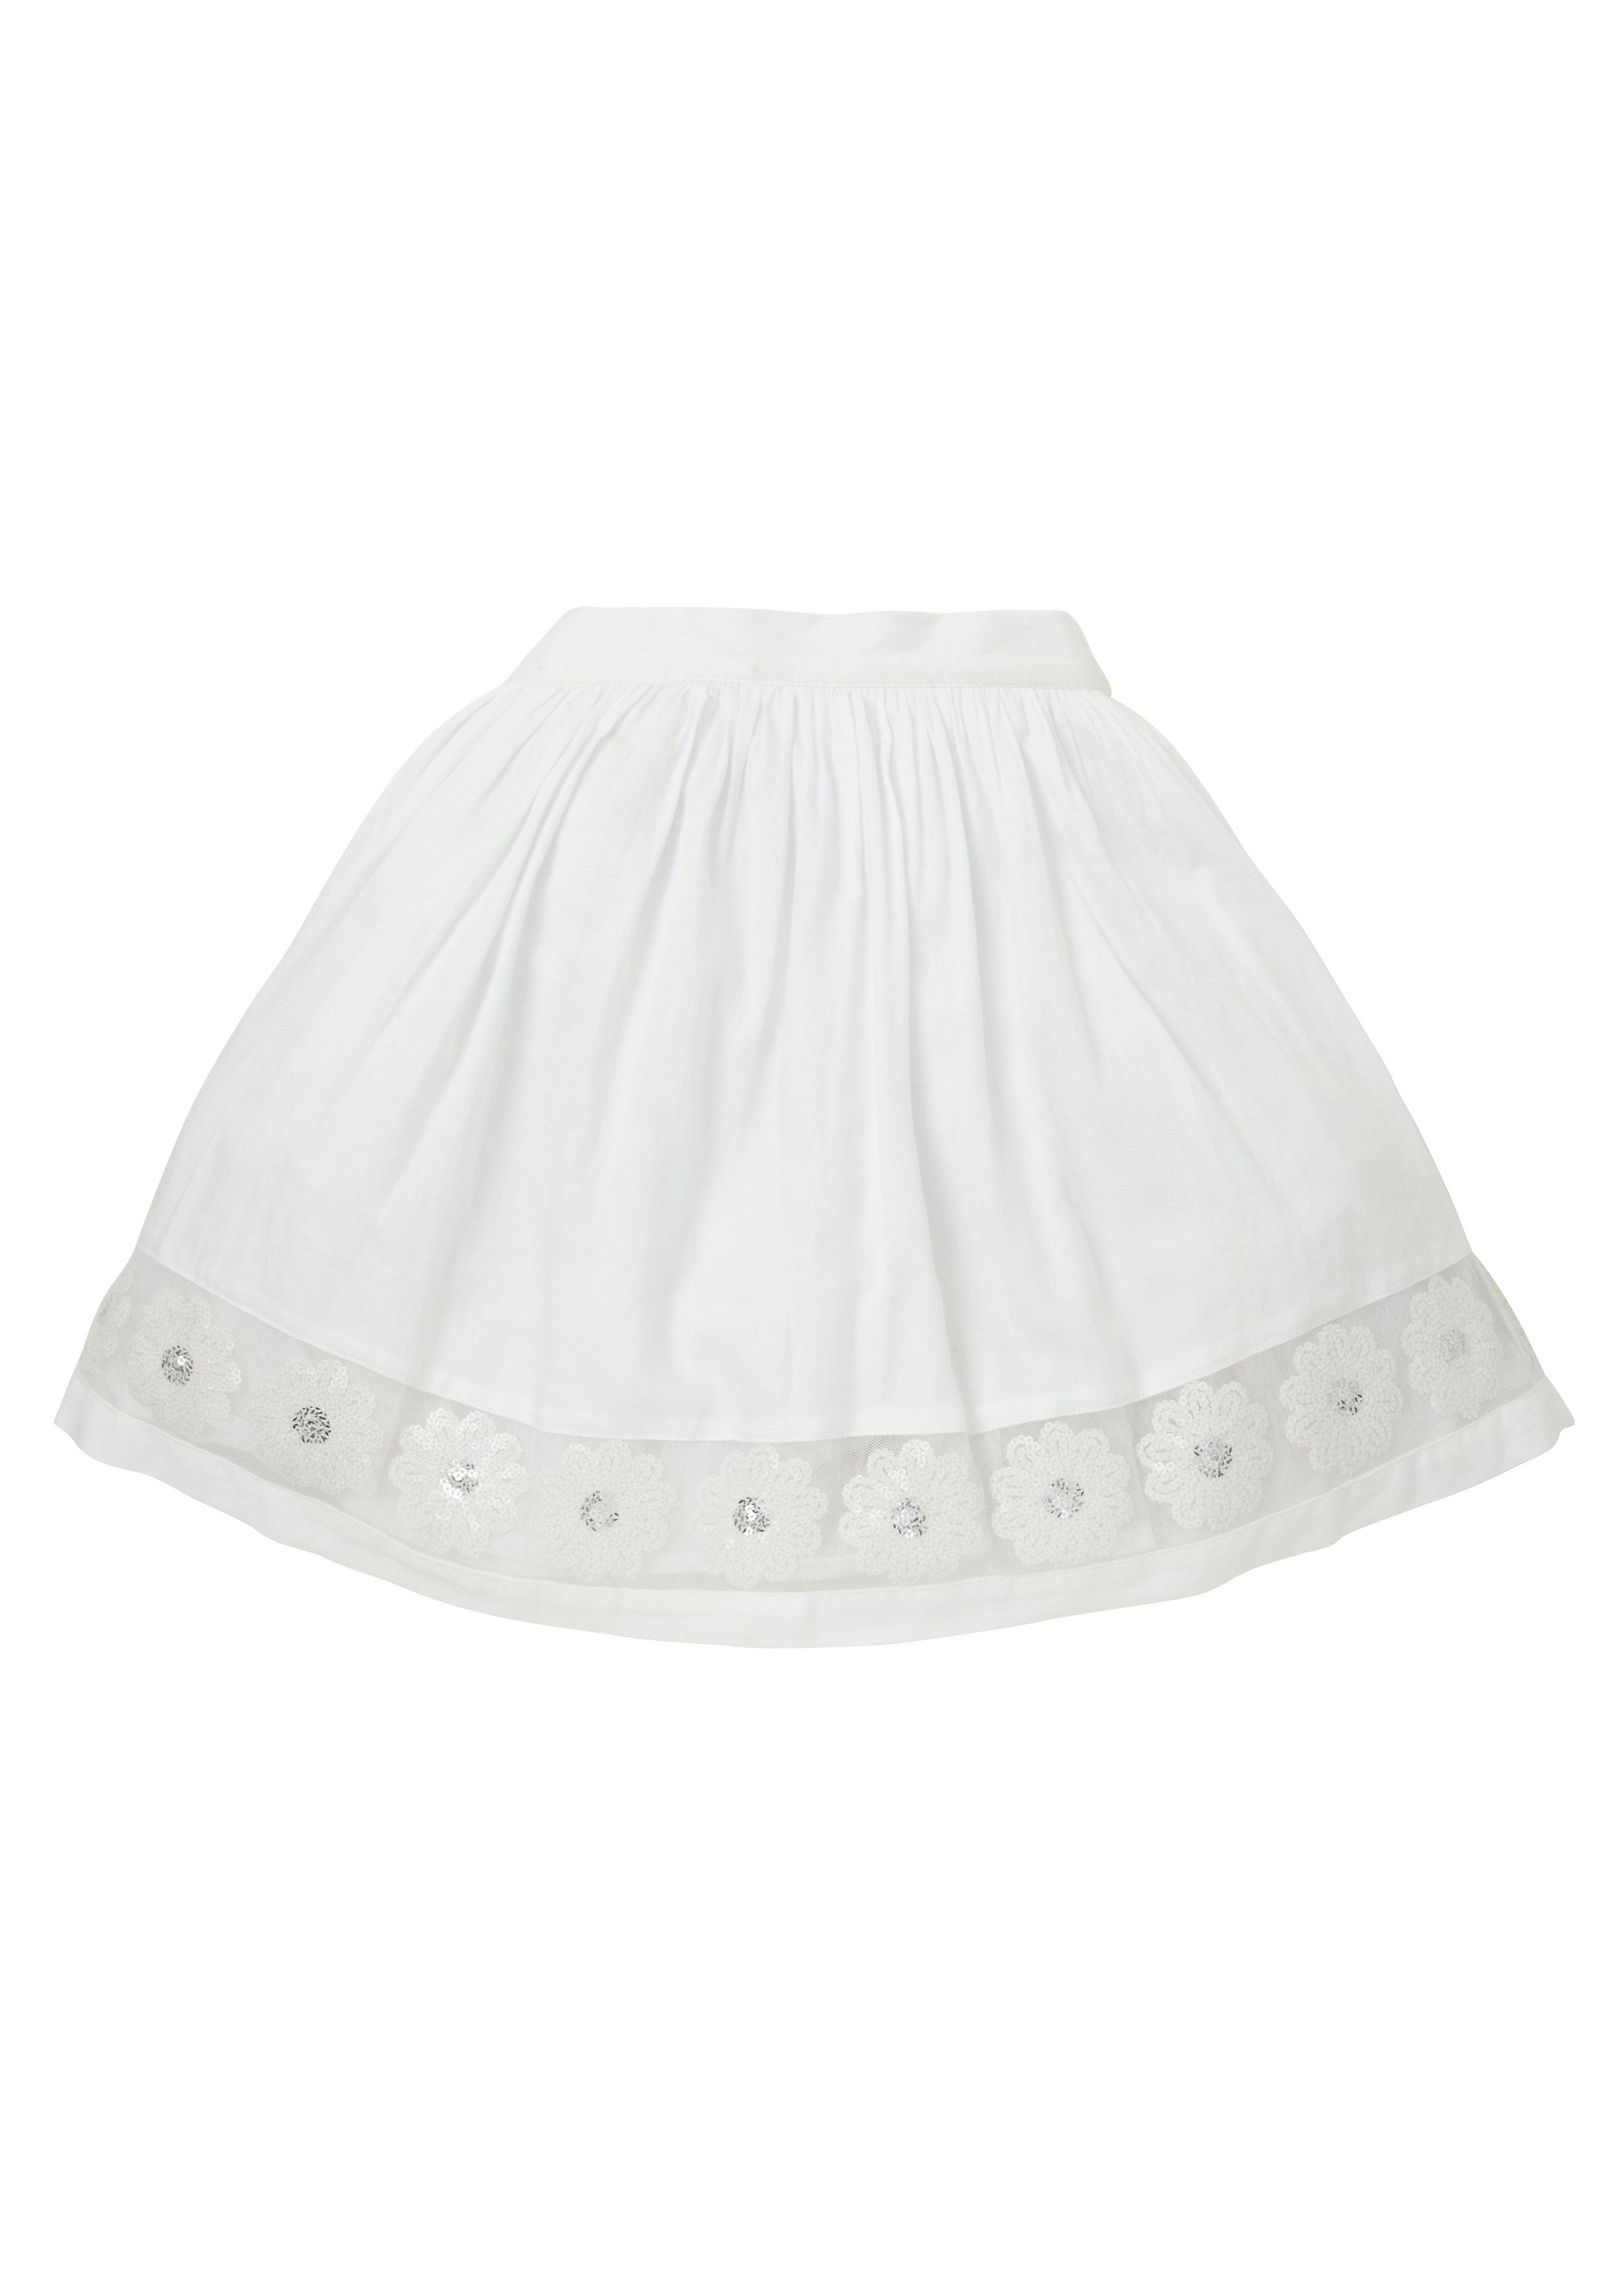 Mothercare | Girls Sequin Skirt - White